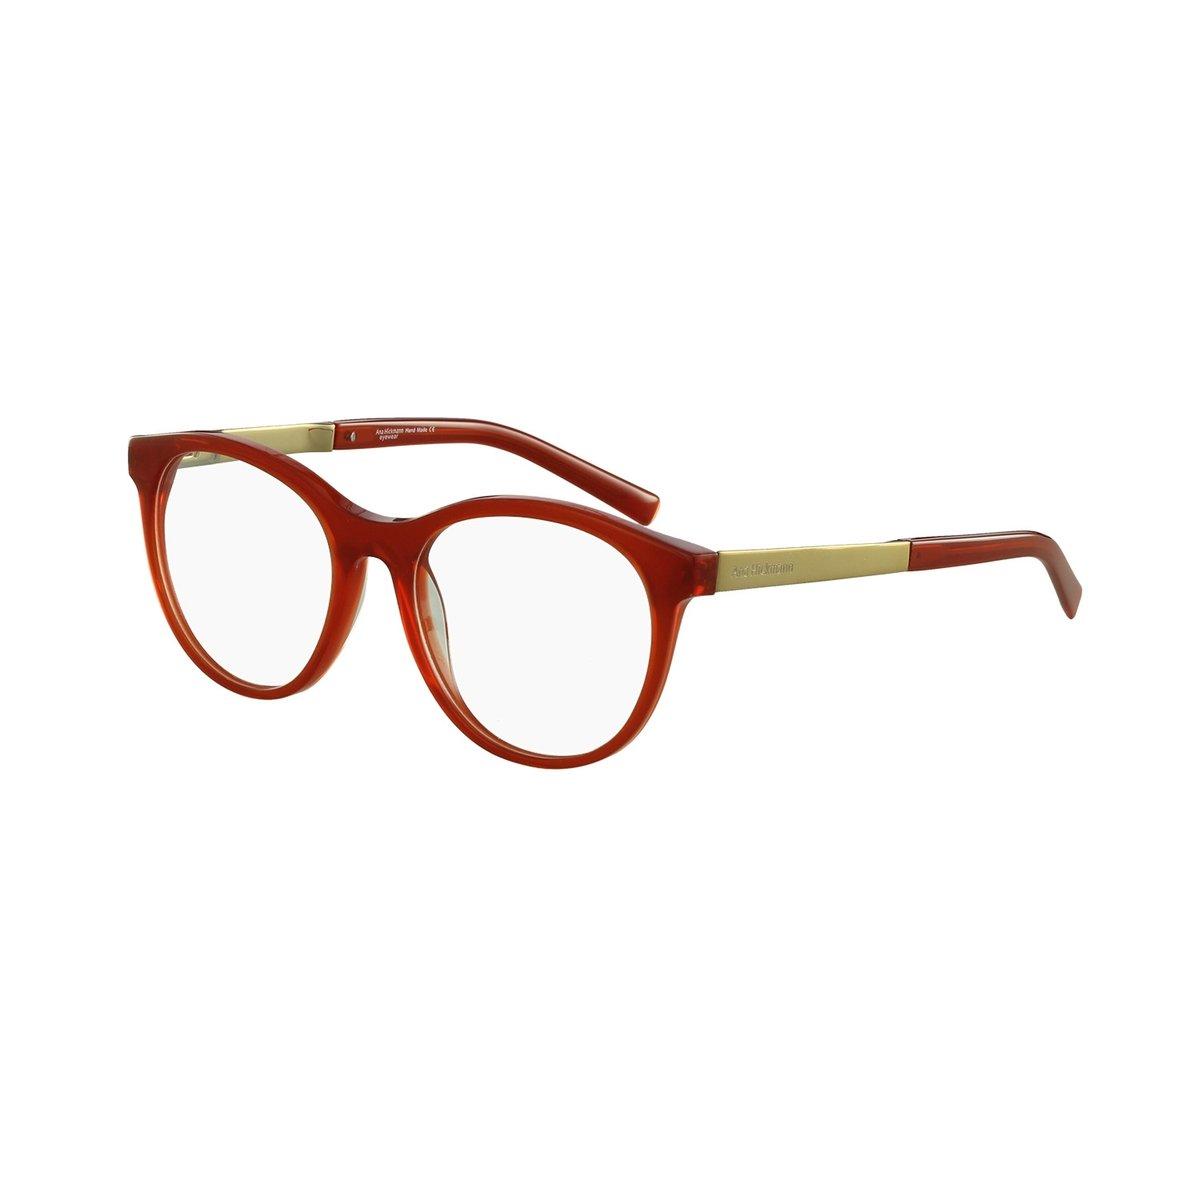 8e7a5dc1854ba Óculos de Grau Ana Hickmann - Vermelho - Compre Agora   Zattini